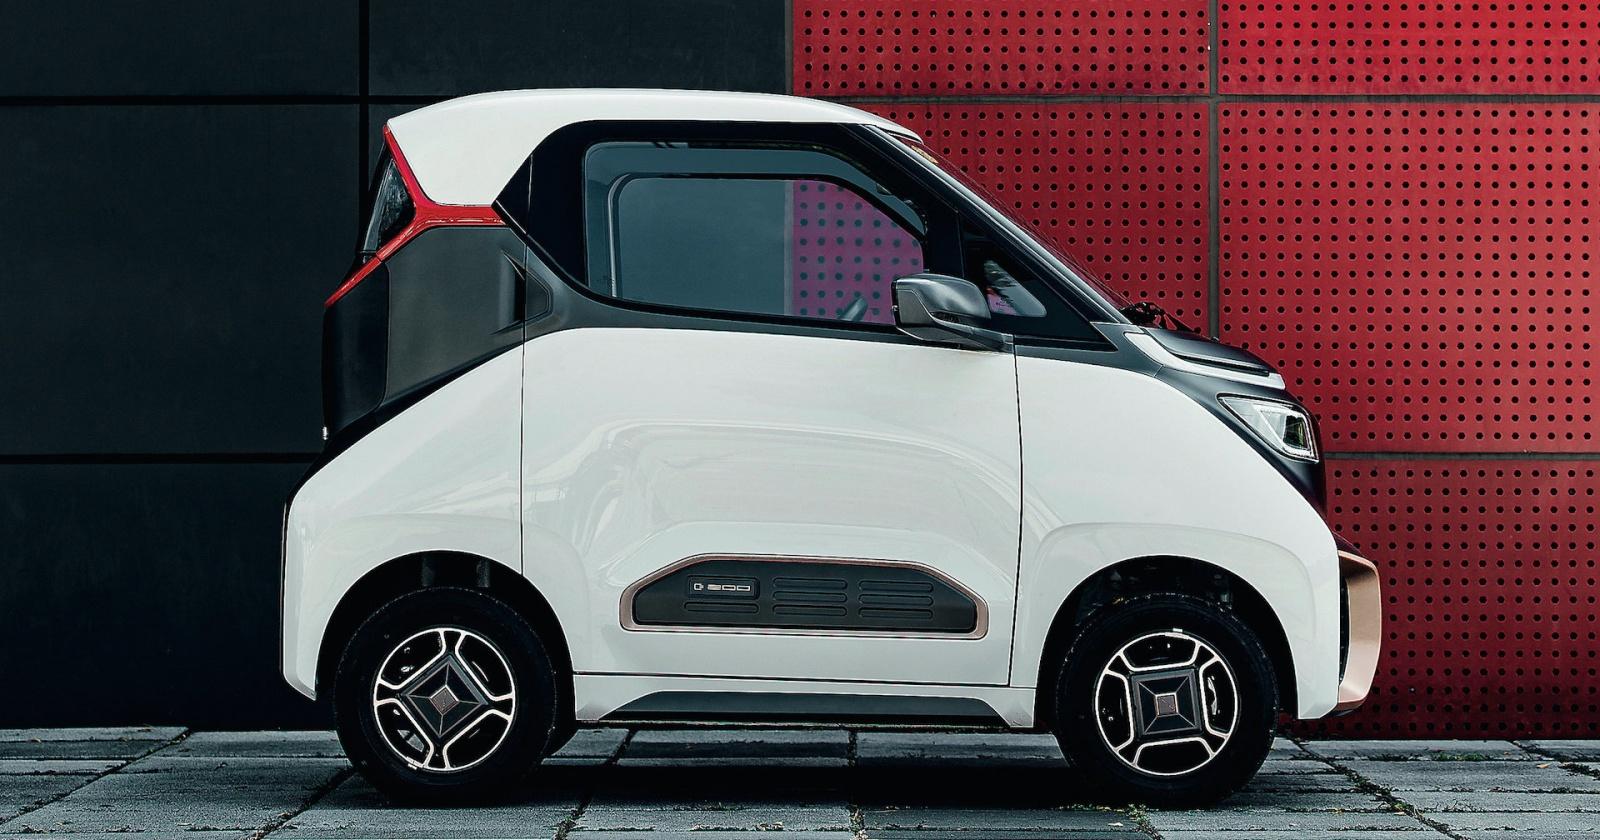 Смартфон на колесах: компактный китайский электромобиль